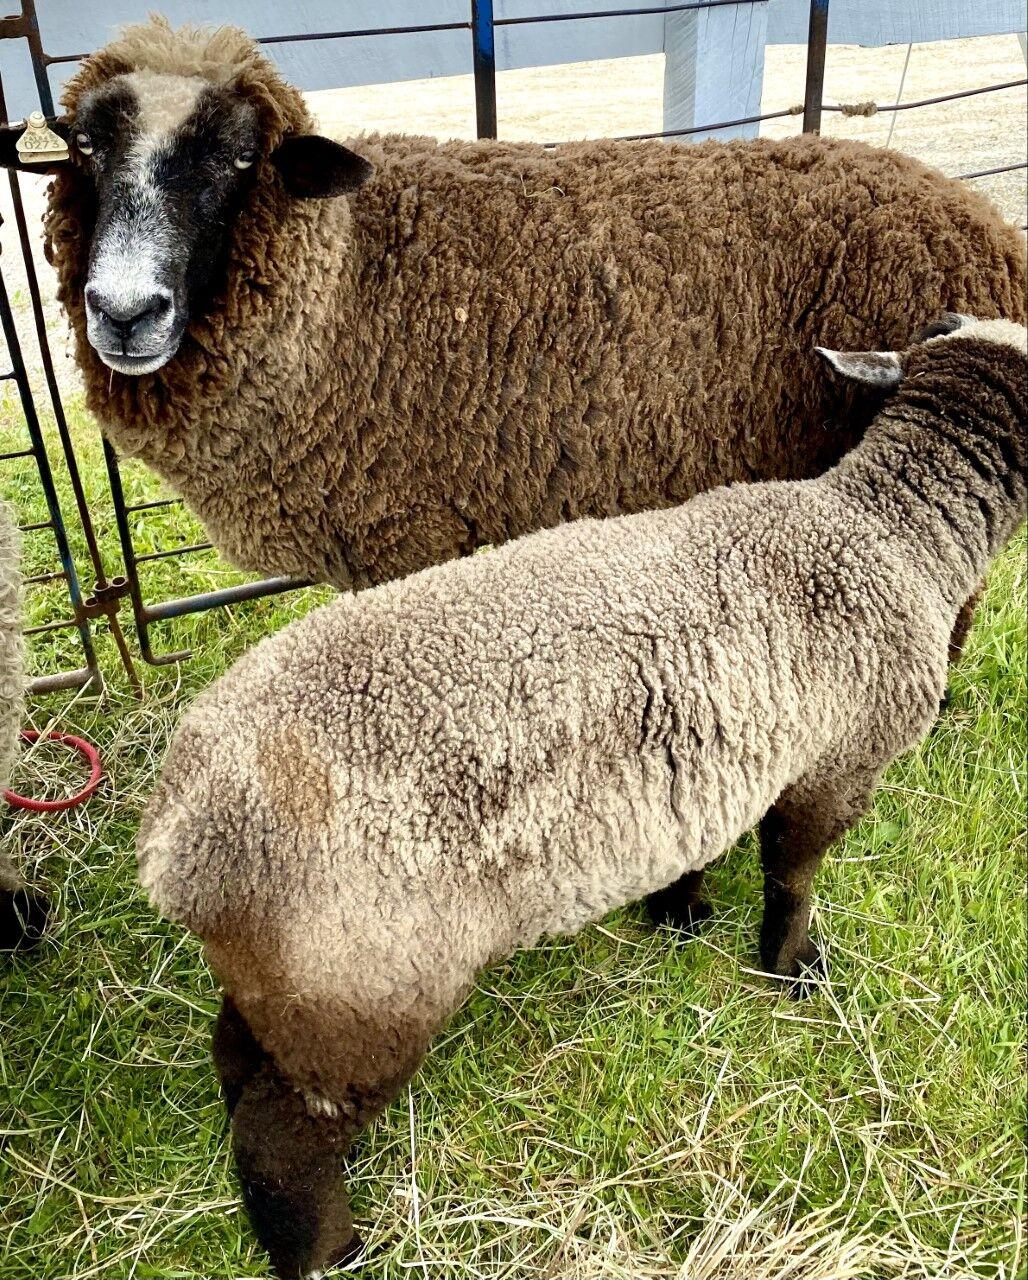 20210611_gcm_sheep.jpg